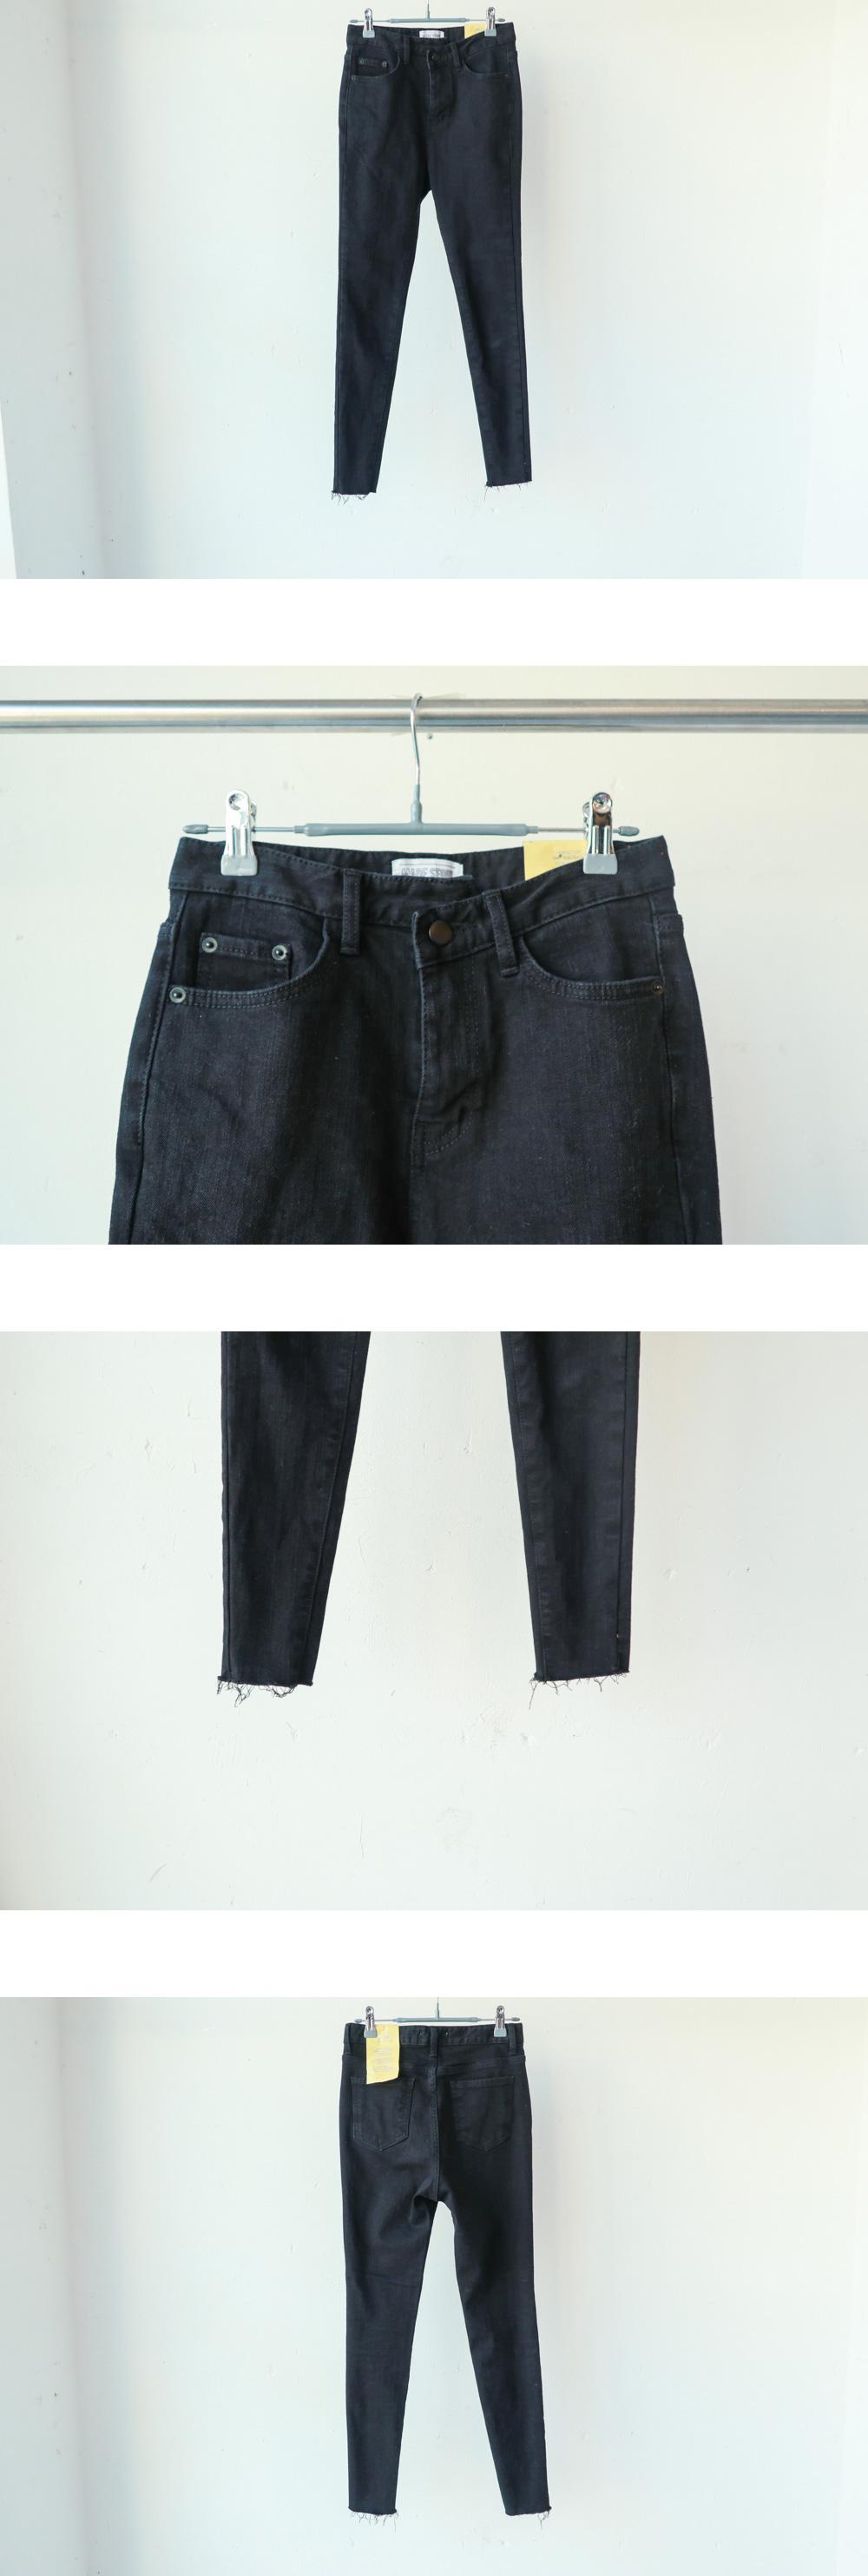 521 skinny black jeans